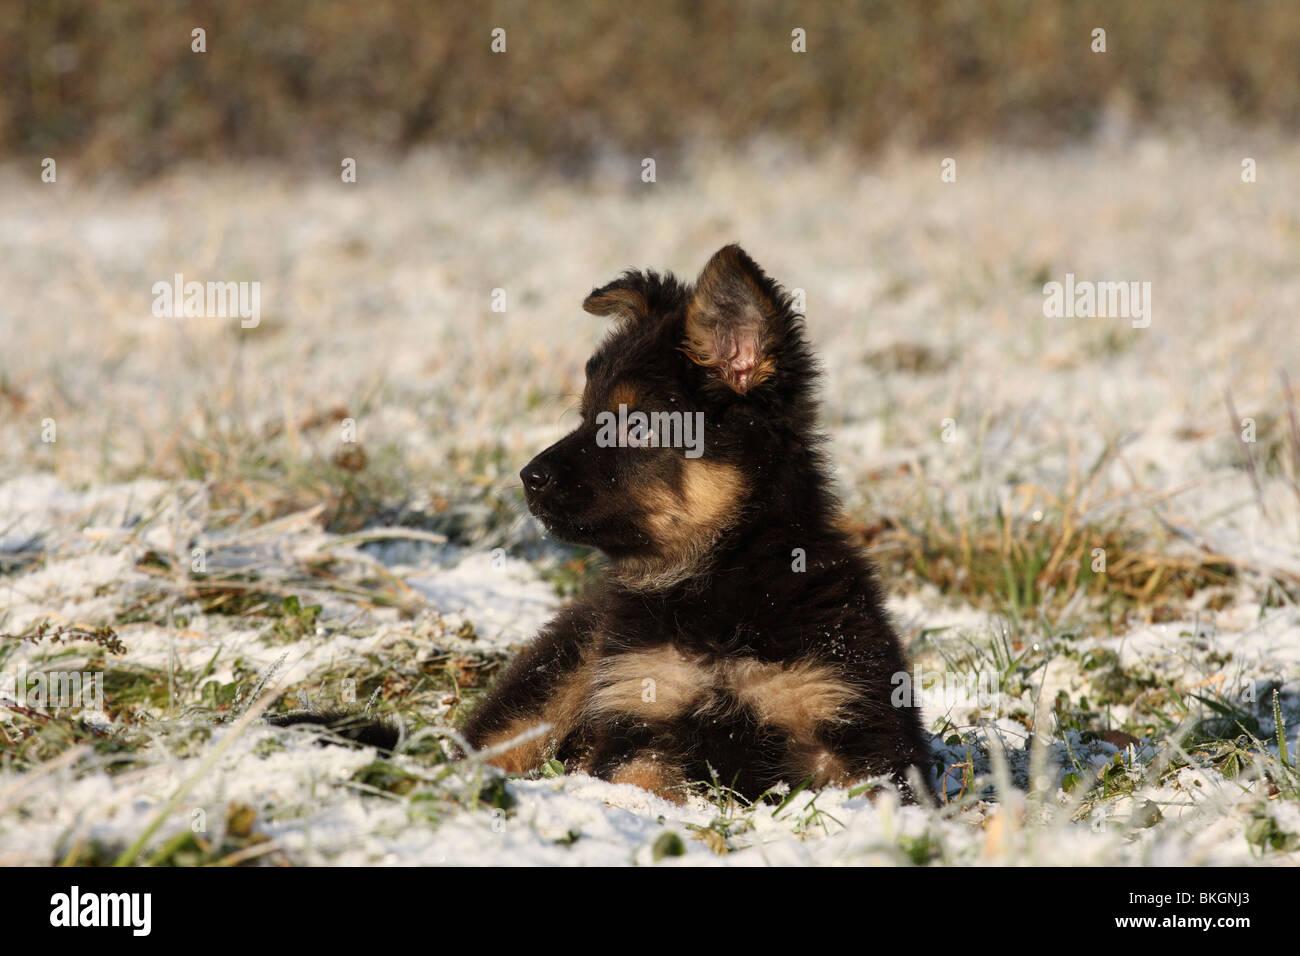 Chodsky Stock Photos & Chodsky Stock Images - Alamy